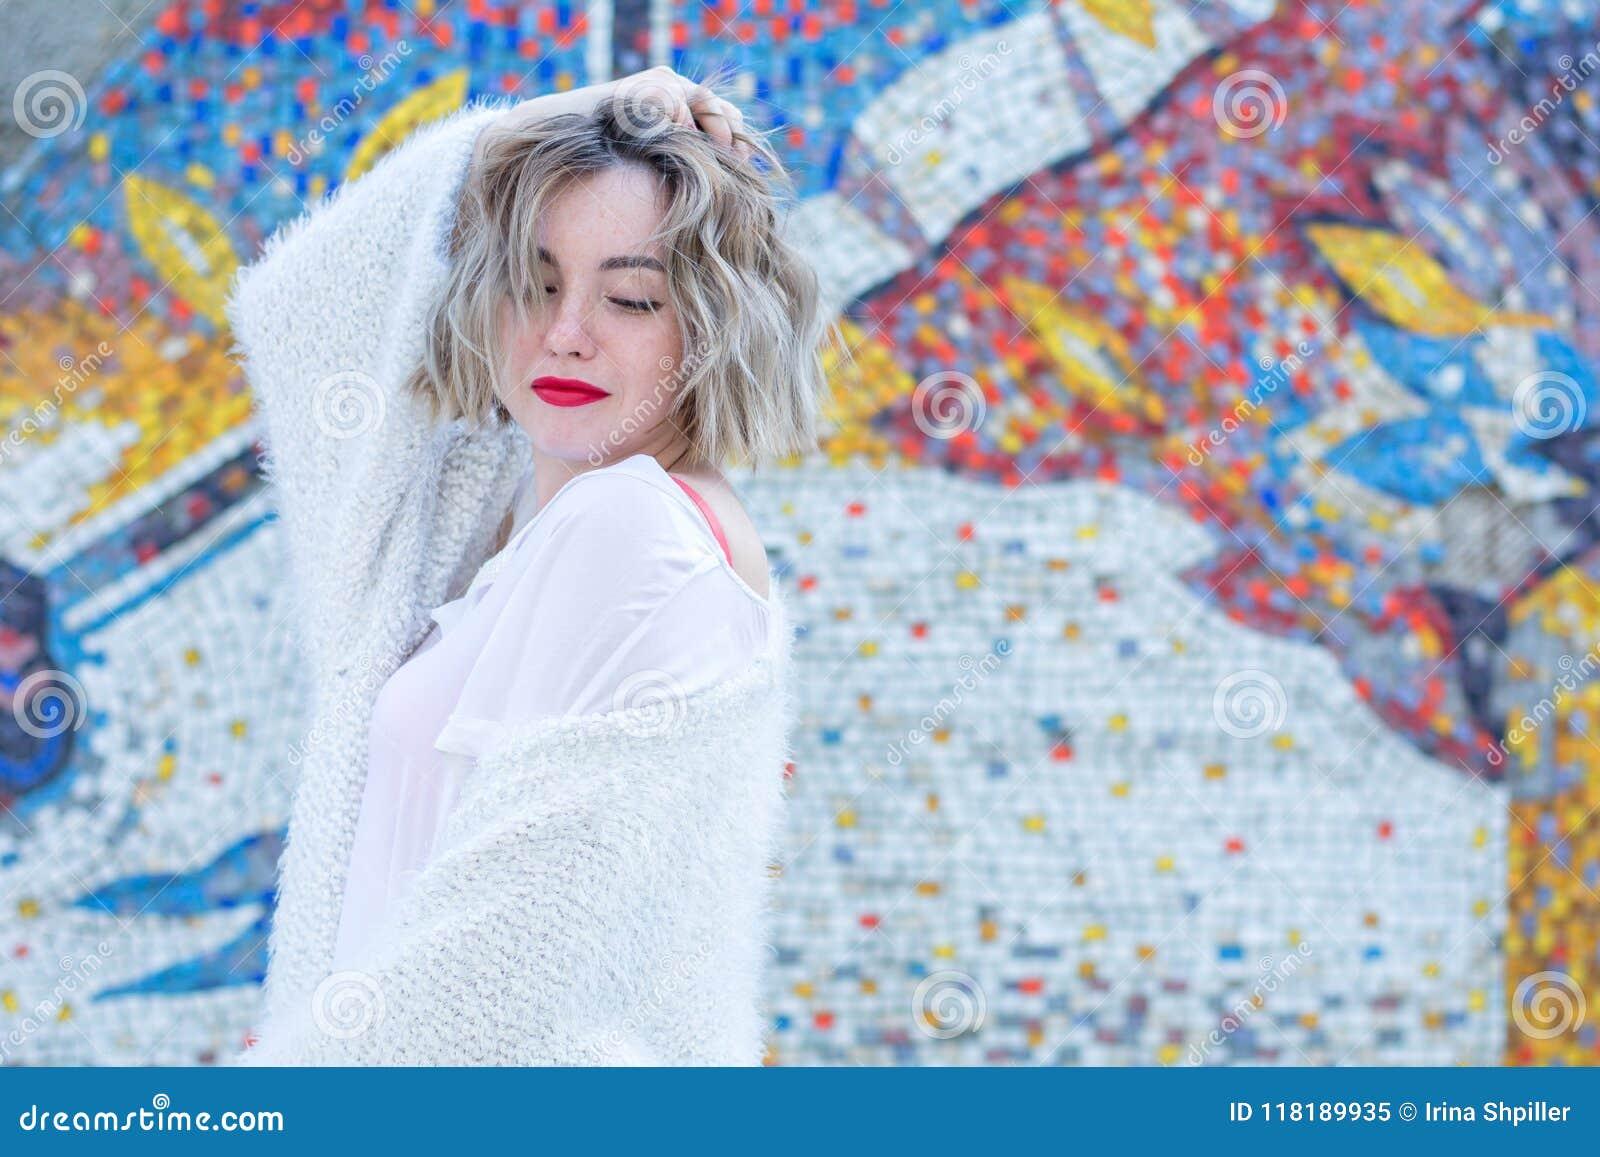 Νέα ελκυστική φακιδοπρόσωπη γυναίκα με τα κόκκινα χείλια στα άσπρα περιστασιακά ενδύματα που περπατά την τοποθέτηση στην οδό